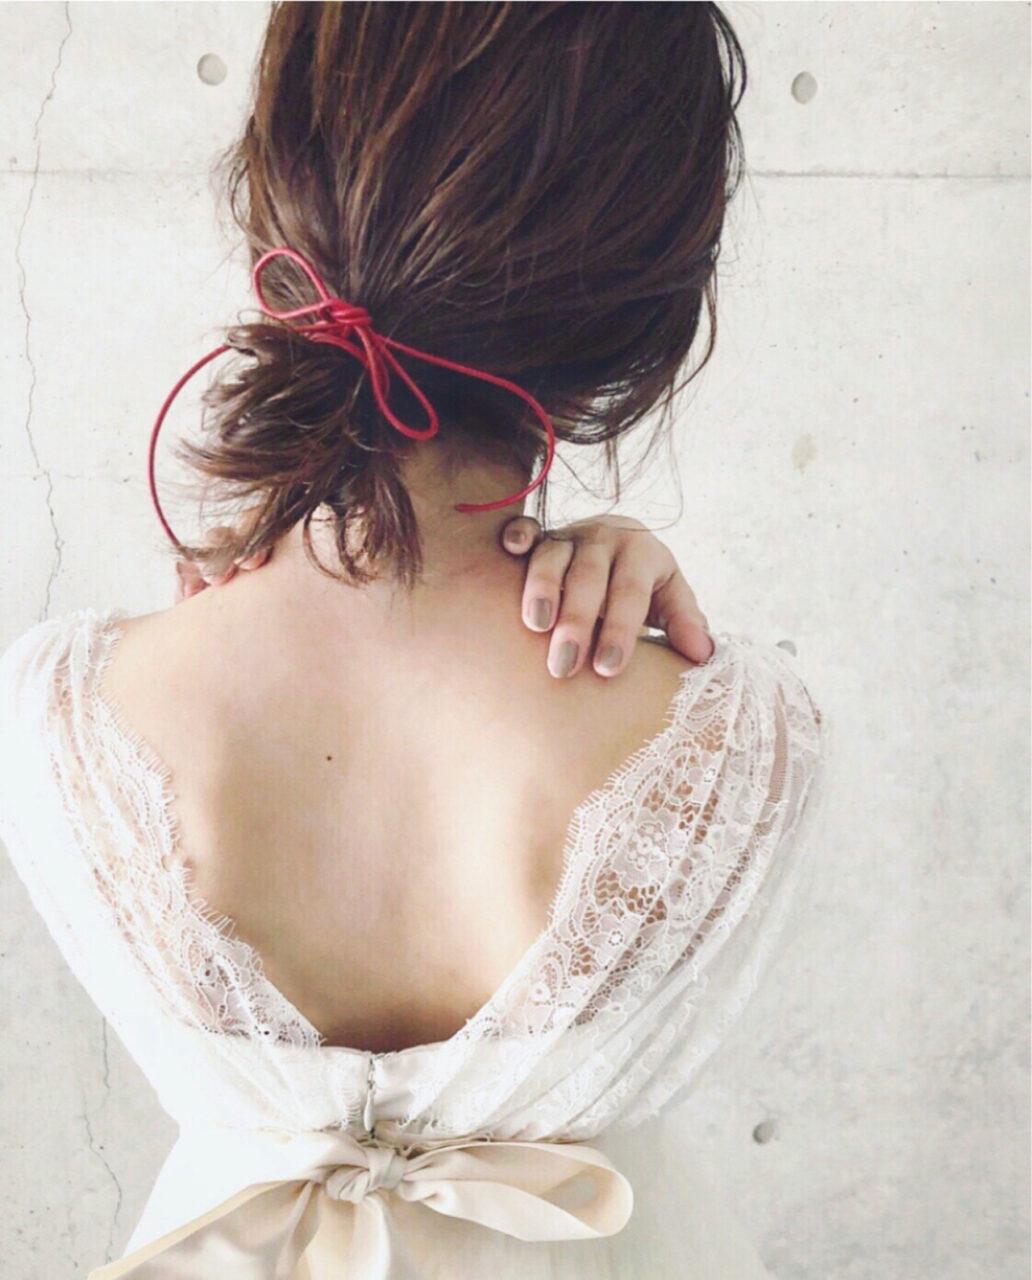 結婚式にはボブならではのセルフアレンジを。簡単なのに周りと差がつくお呼ばれヘア